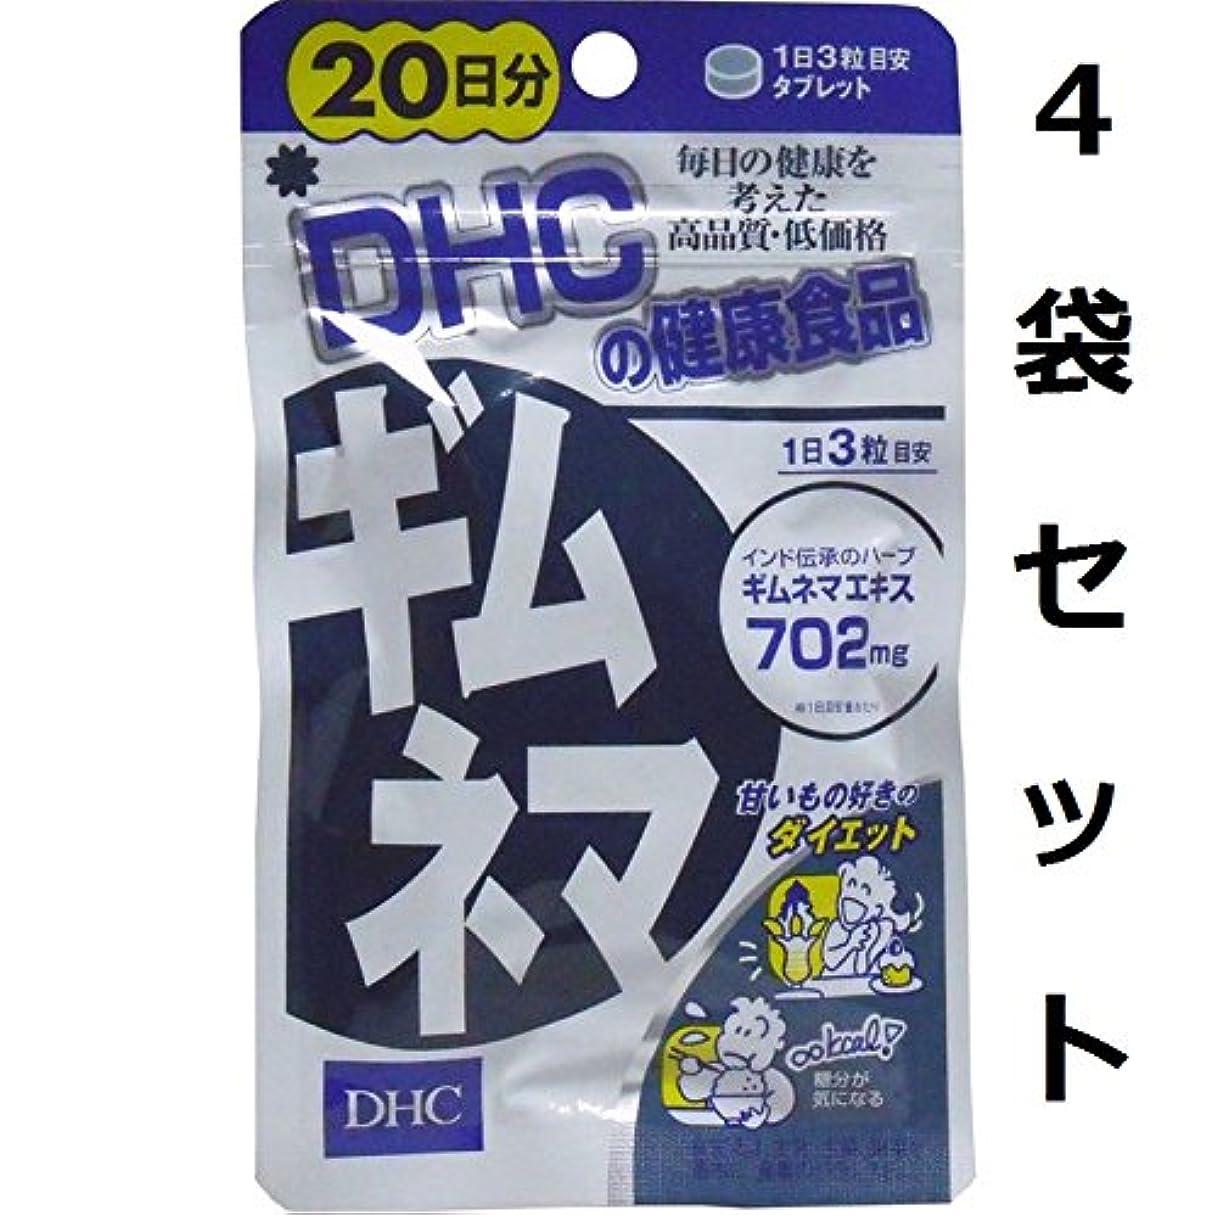 再編成する委任鋼大好きな「甘いもの」をムダ肉にしない DHC ギムネマ 20日分 60粒 4袋セット